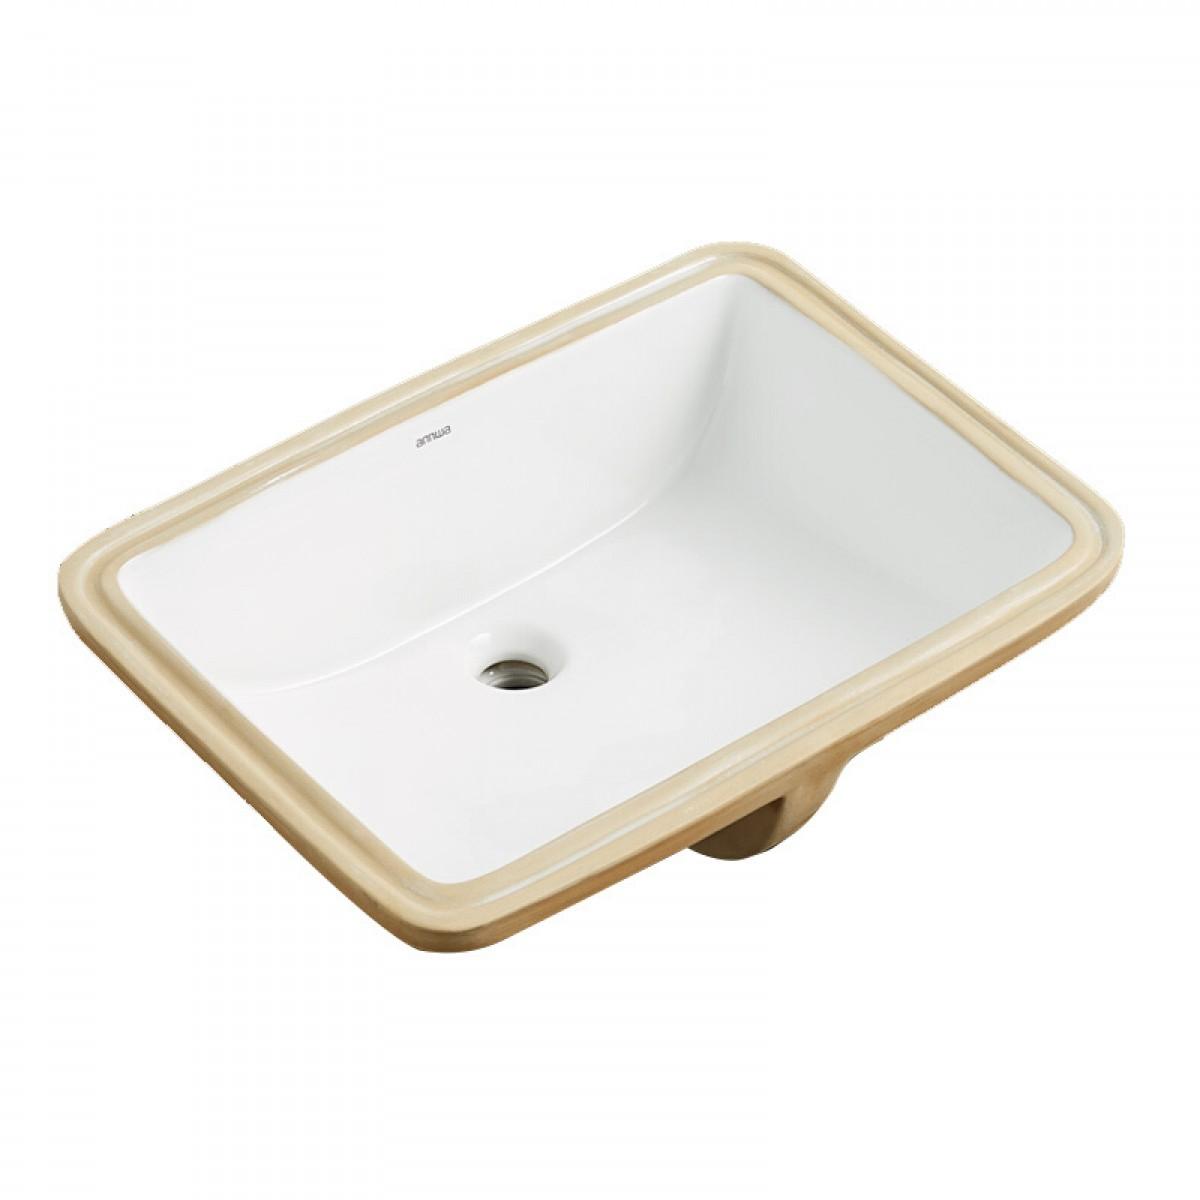 安华卫浴 台下盆小陶瓷洗手盆卫生间面盆台盆NT07(原型号ap43002)